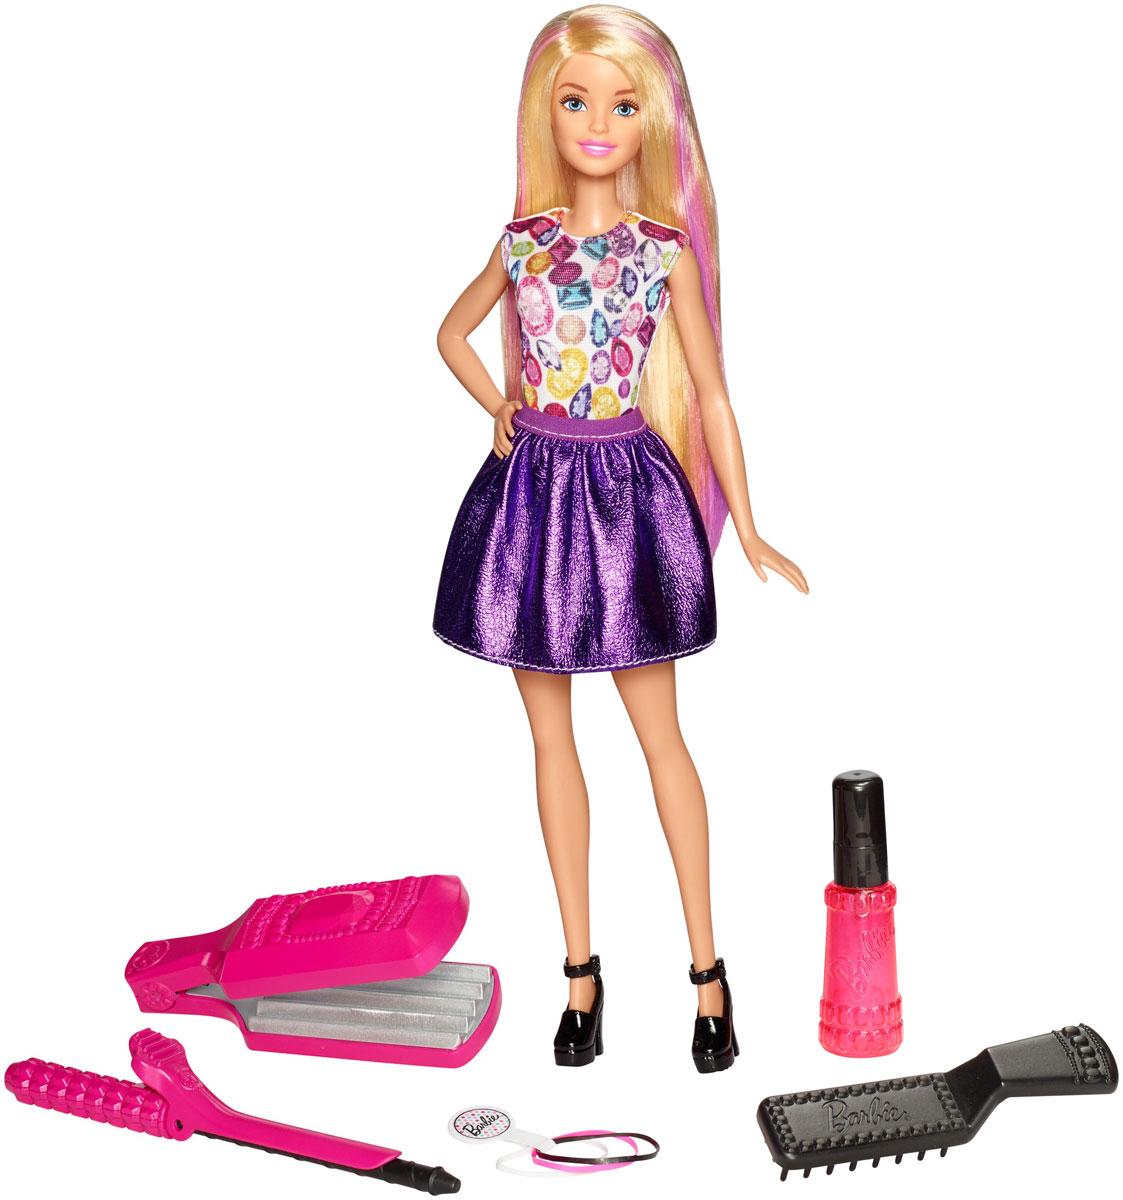 Barbie Игровой набор Цветные локоныDWK49Попробуйте себя в роли парикмахера вместе с куклой Barbie! Щипцы, плойка и расческа из набора не требуют нагревания. Возьмите прядь волос куклы и смочите их теплой водой с помощью распылителя. Зажмите прядь щипцами, чтобы выровнять их, или накрутите на плойку, чтобы завить. Подержите несколько секунд и отпустите. Волосы Barbie не просто удержат форму, но и поменяют цвет. Можно выбрать куклу с розовыми или фиолетовыми прядями. В комплекте 3 заколки. Чтобы сделать новую прическу, распустите волосы, намочите их и расчешите. Все готово! Кукла Barbie одета в яркую тунику, блестящую юбку и стильные туфли.